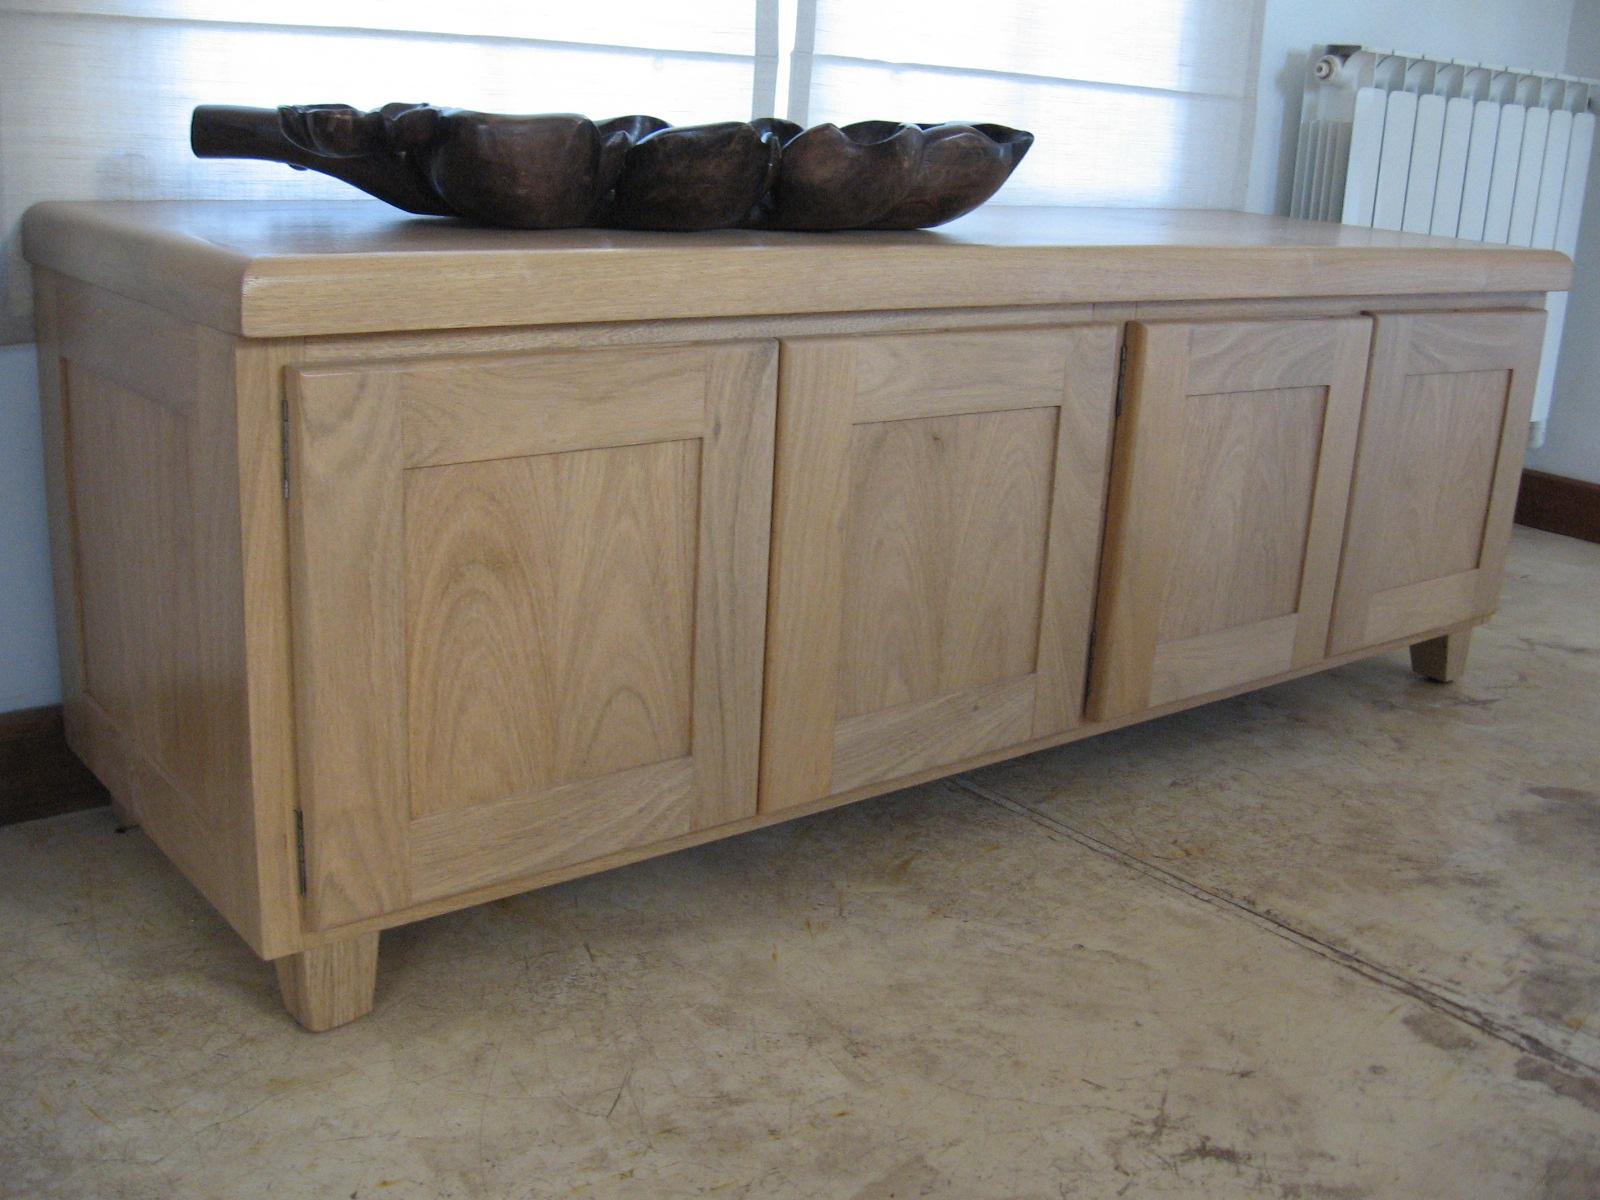 Mueble de guardado para un living comedor muy ordenado - Mueble para comedor ...